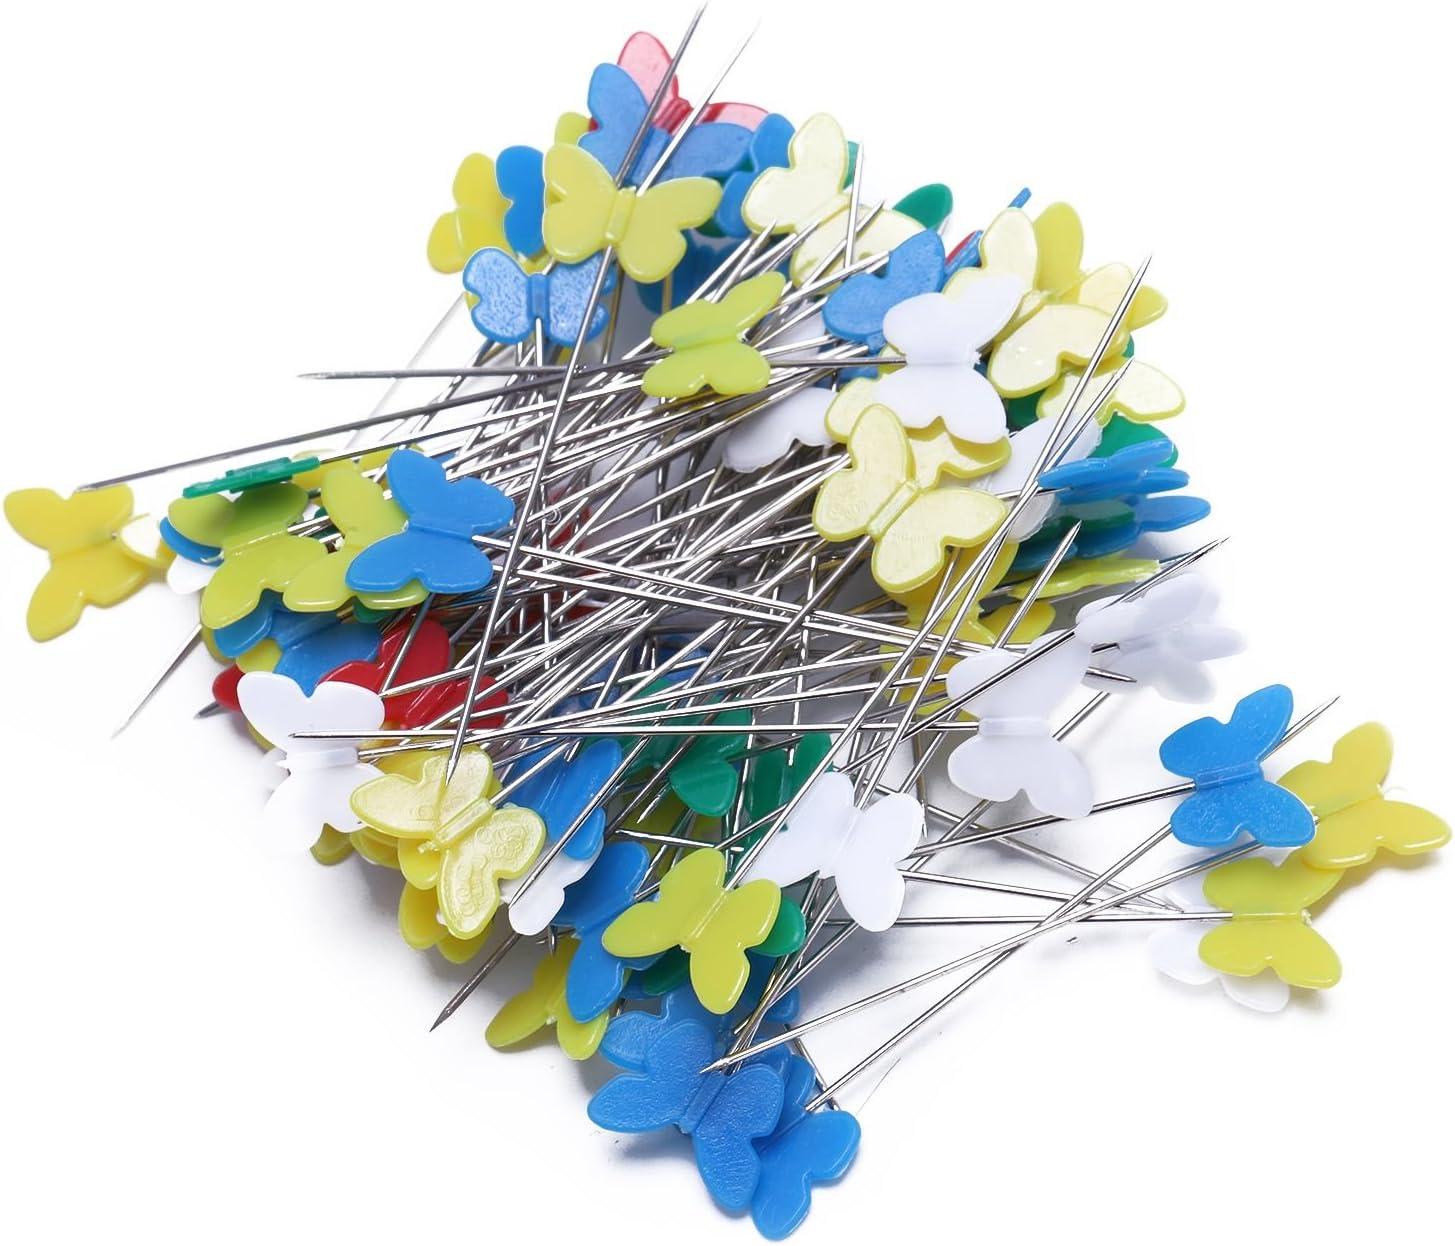 100pzs juego Alfileres de amazuela cabeza boton flor Herramienta acolchado 2W7